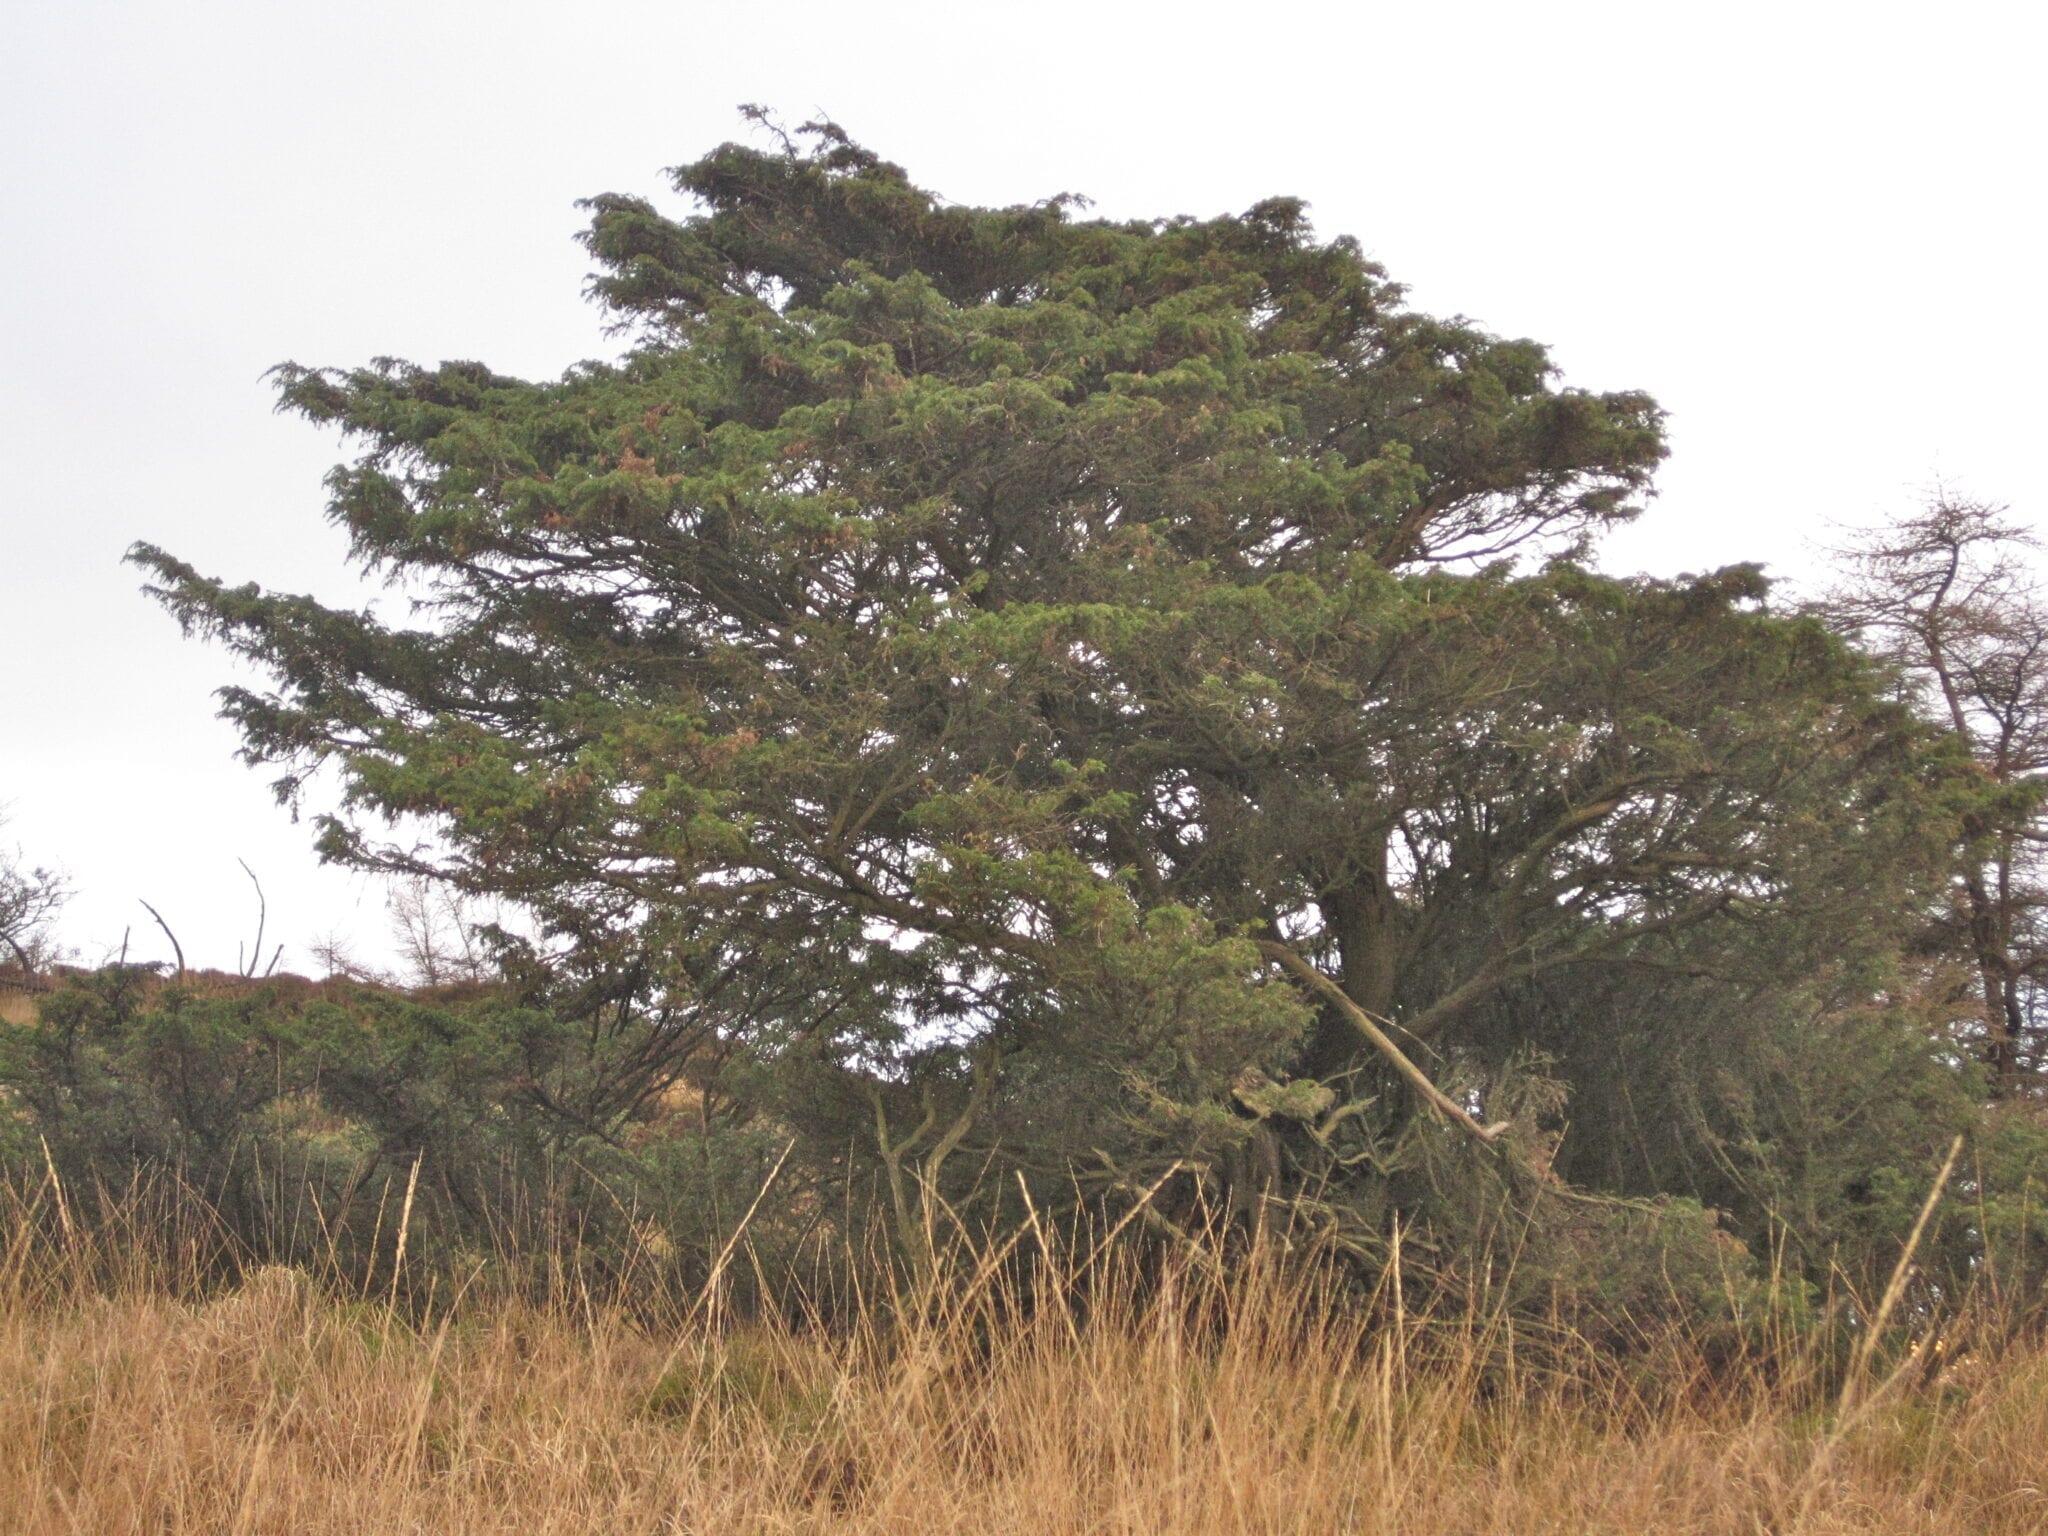 Common Juniper shrub